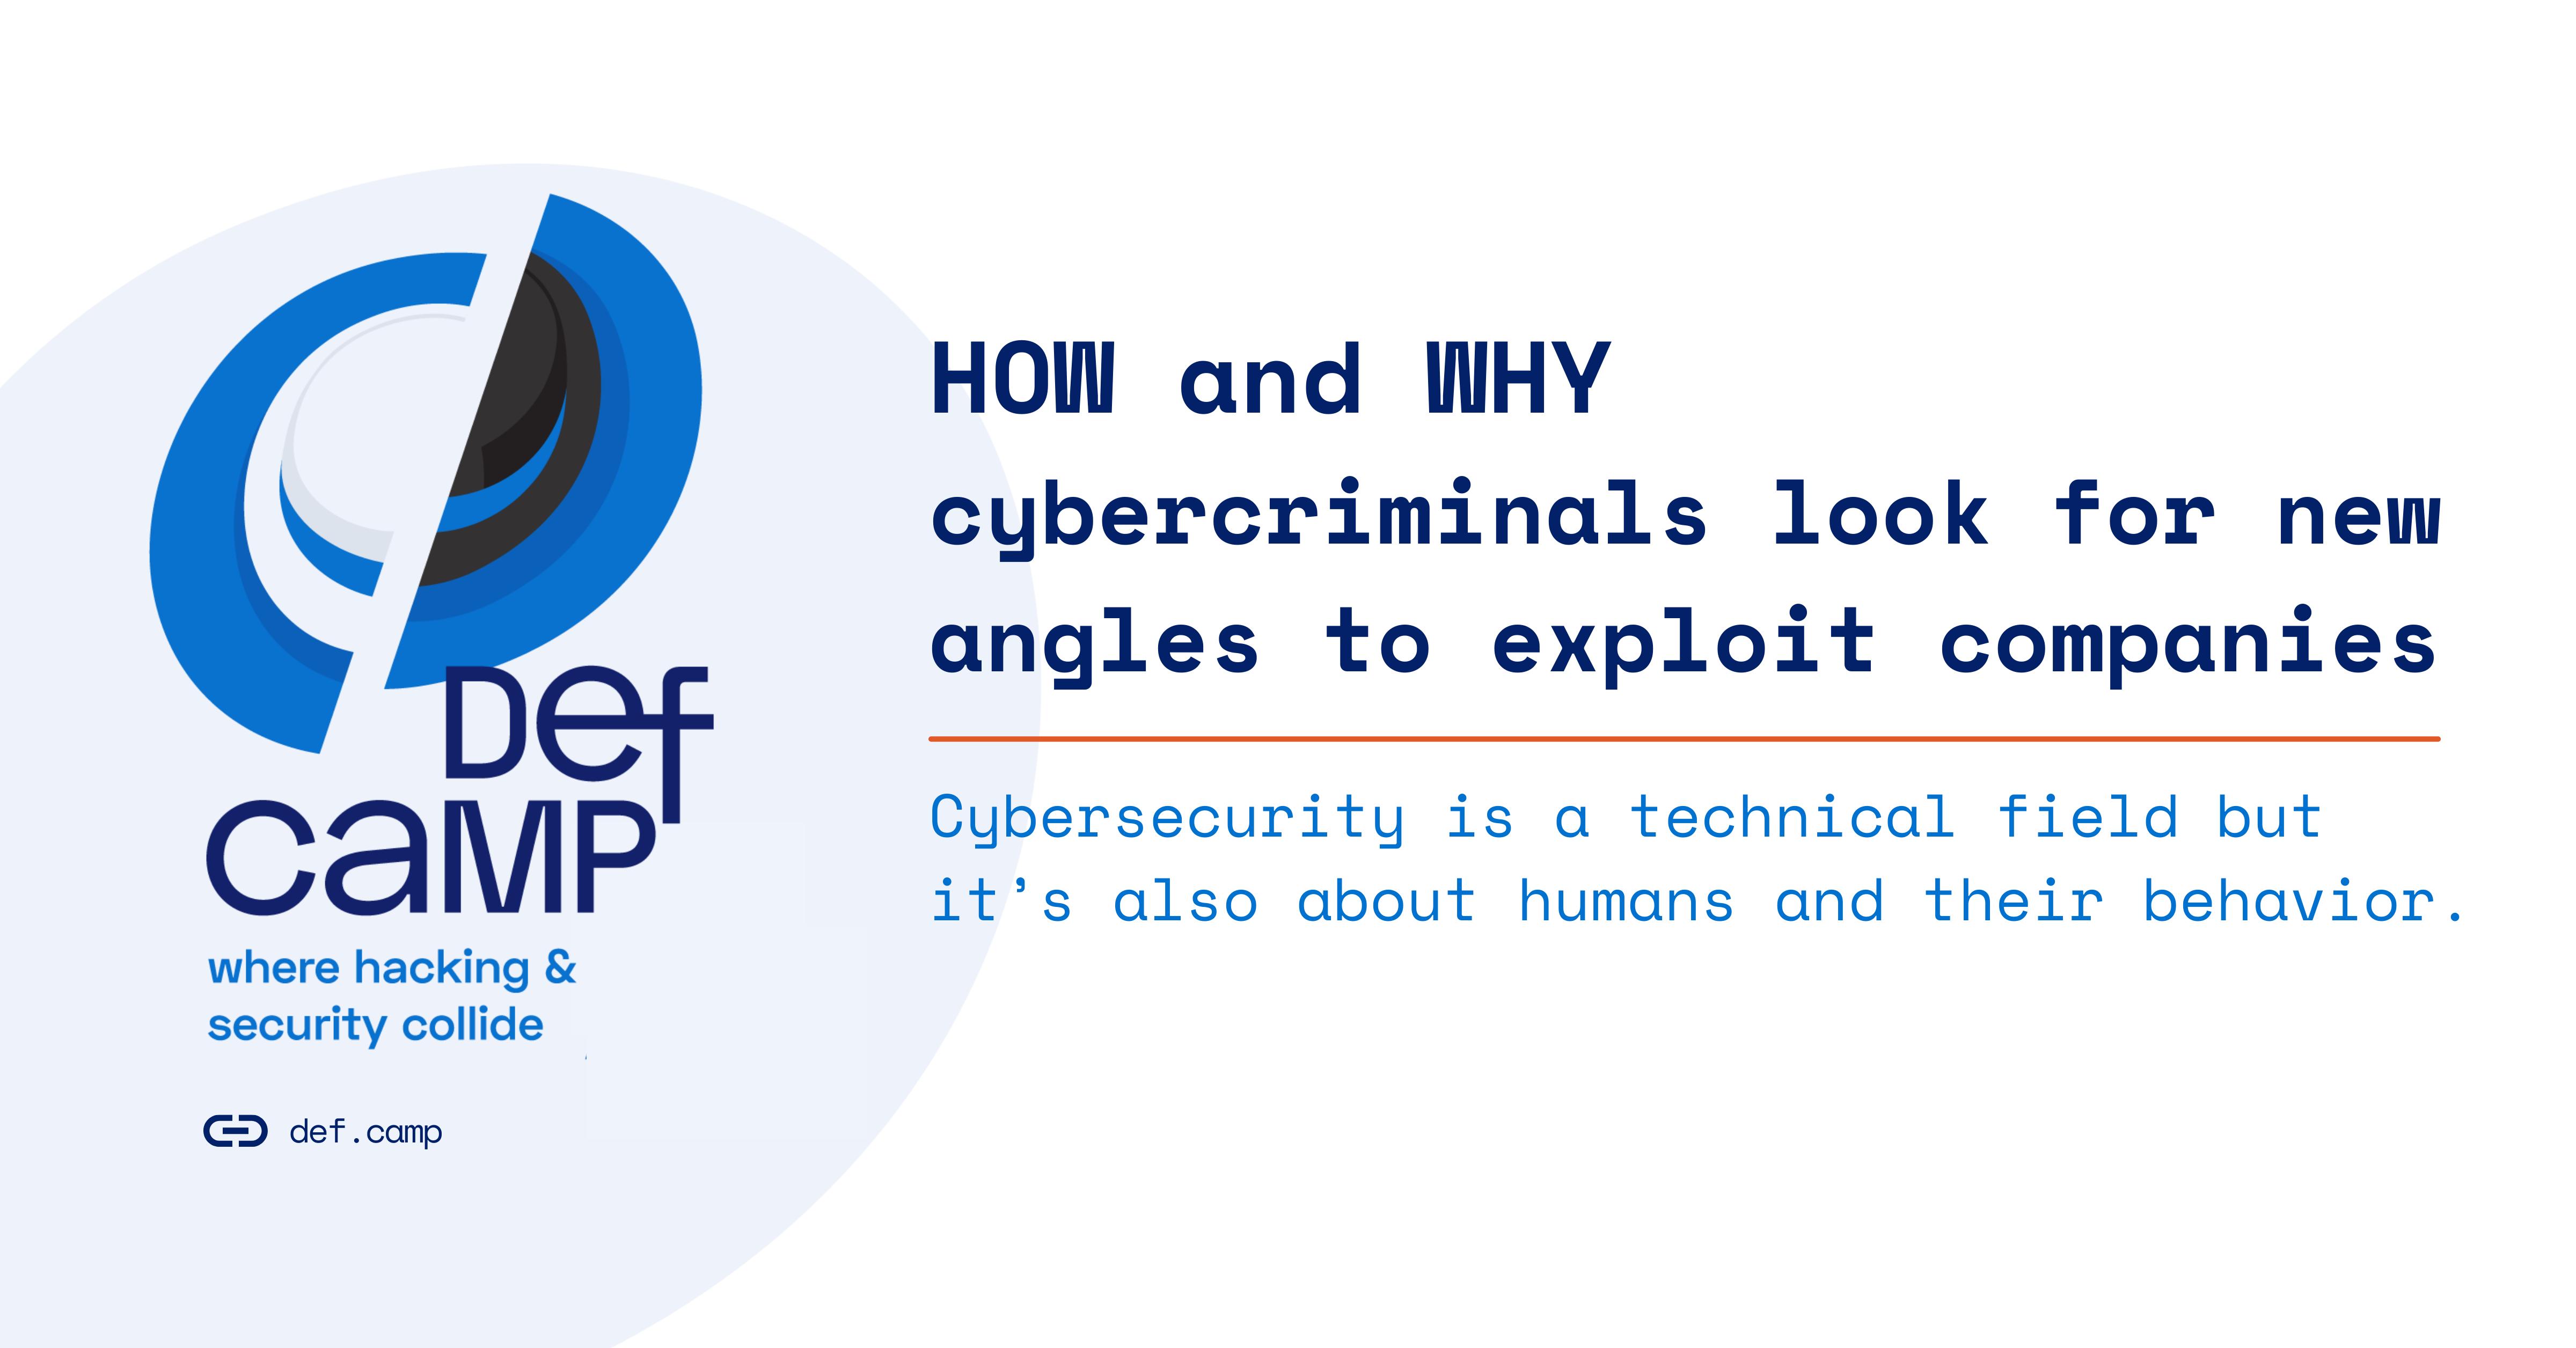 cybercriminals exploit companies